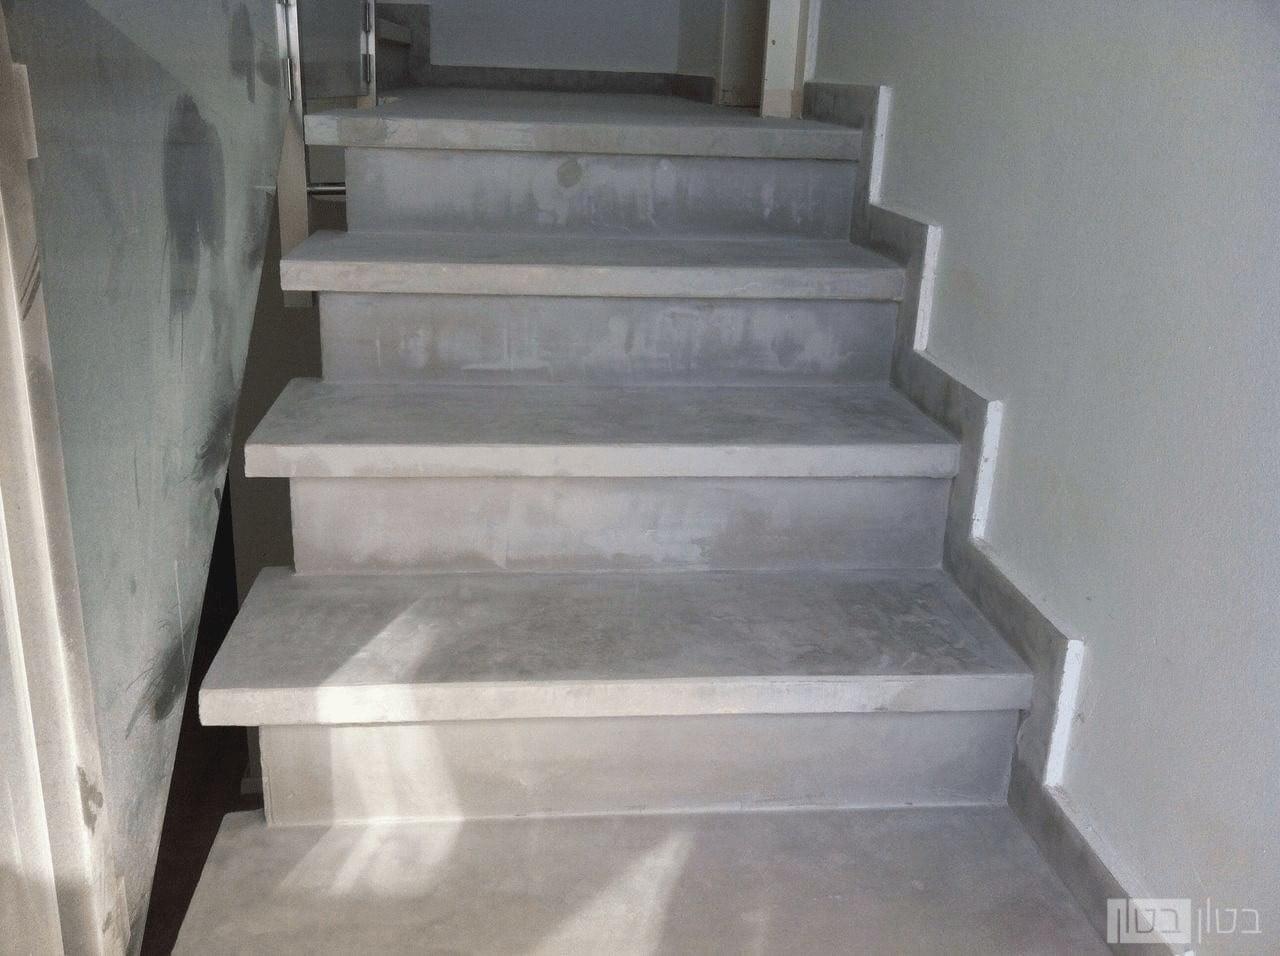 חיפוי מדרגות במיקרוטופינג בבית מגורים